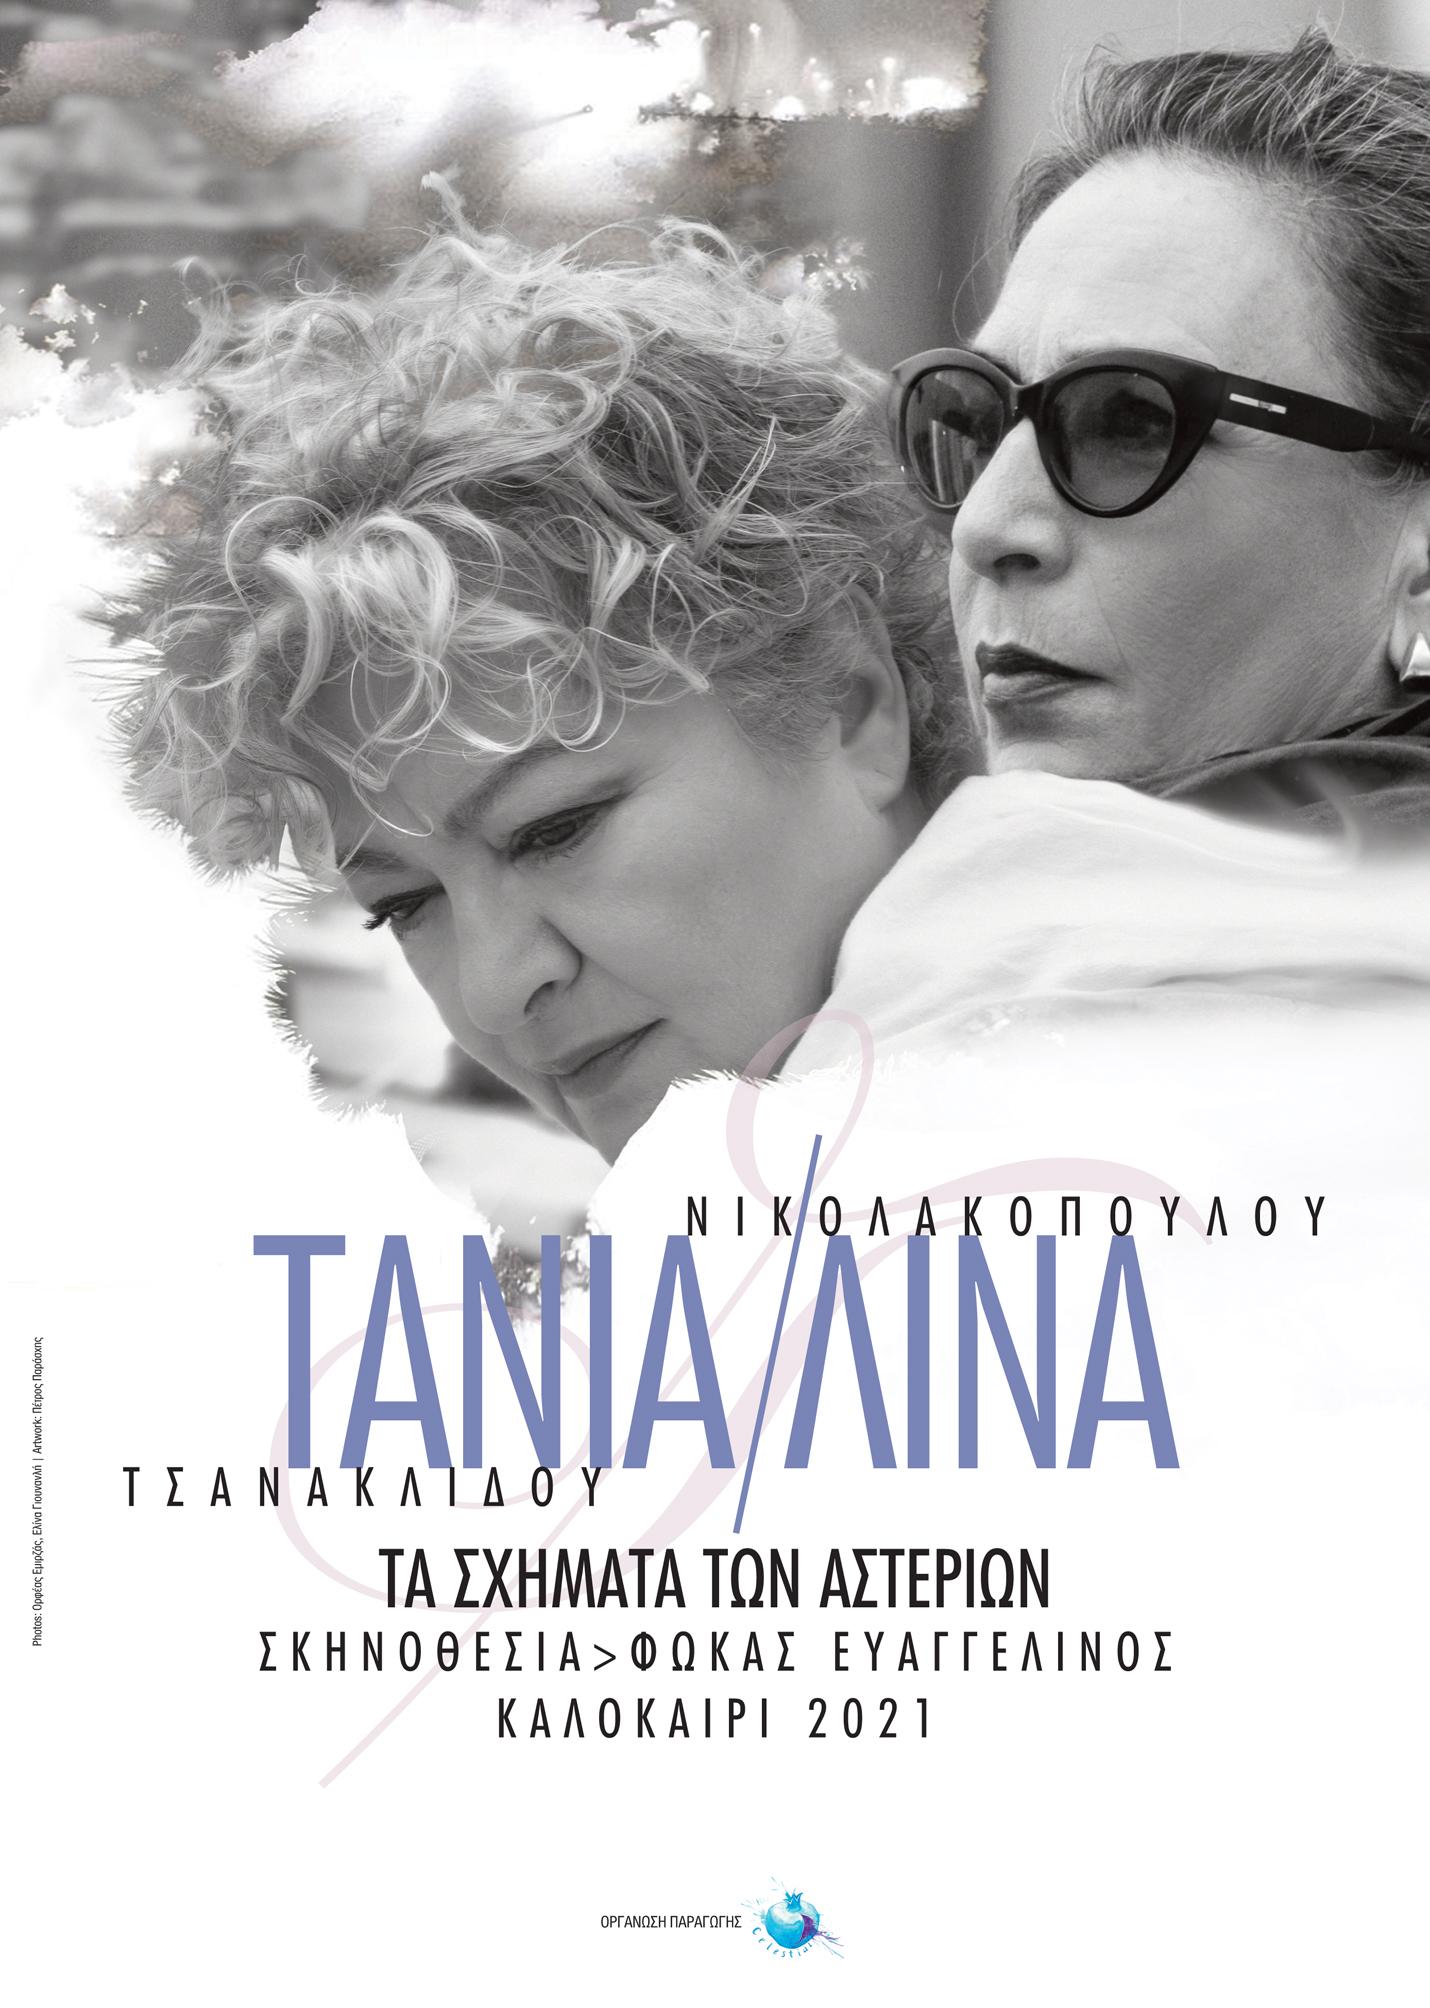 Η Τάνια Τσανακλίδου συναντά την Λίνα Νικολακοπούλου